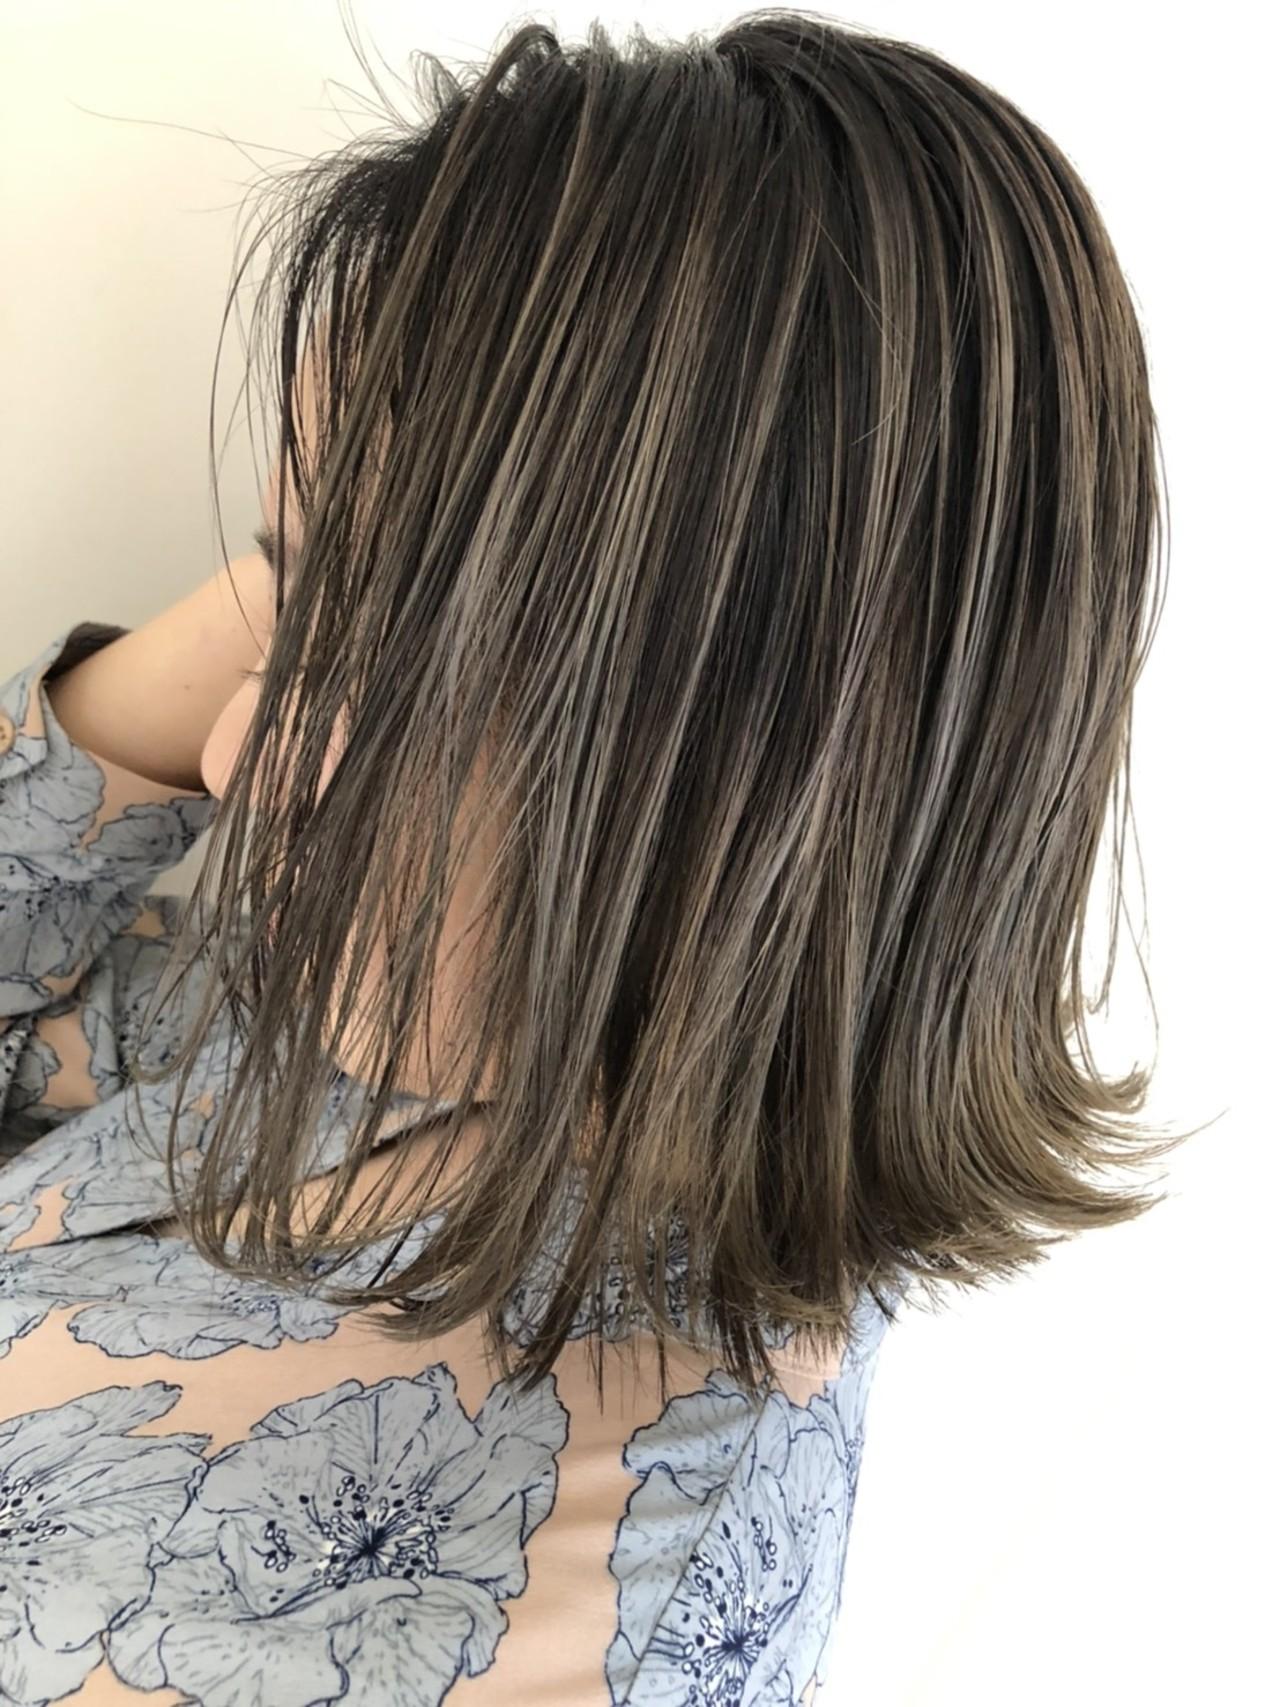 コントラストハイライト 大人ハイライト バレイヤージュ ボブヘアスタイルや髪型の写真・画像